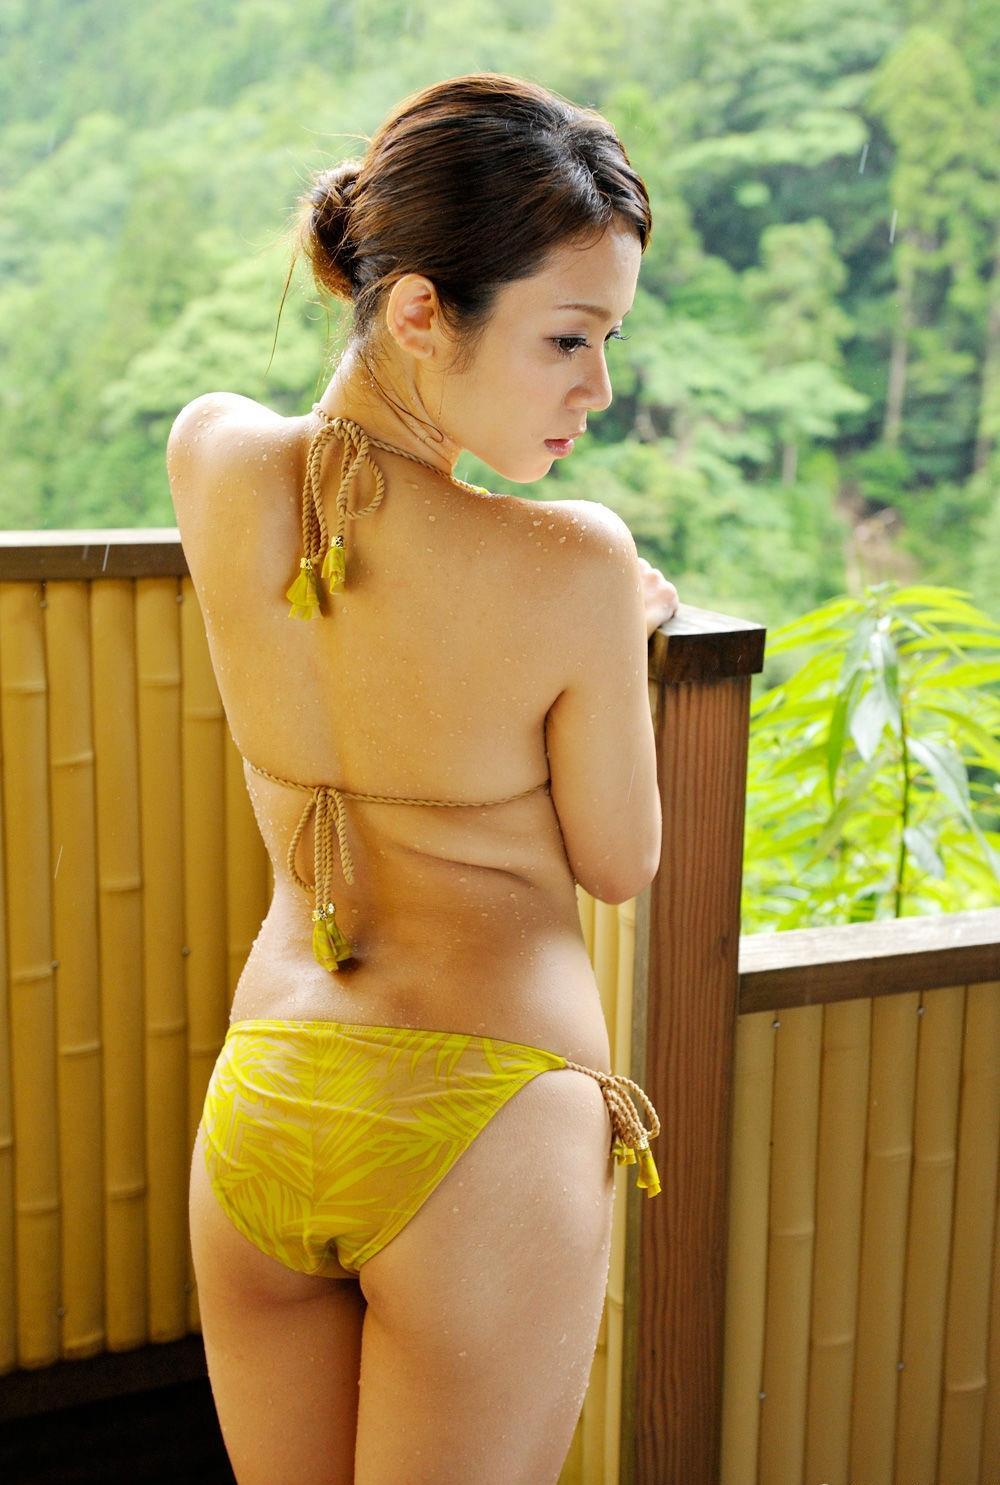 藤井シェリー セクシー画像 96